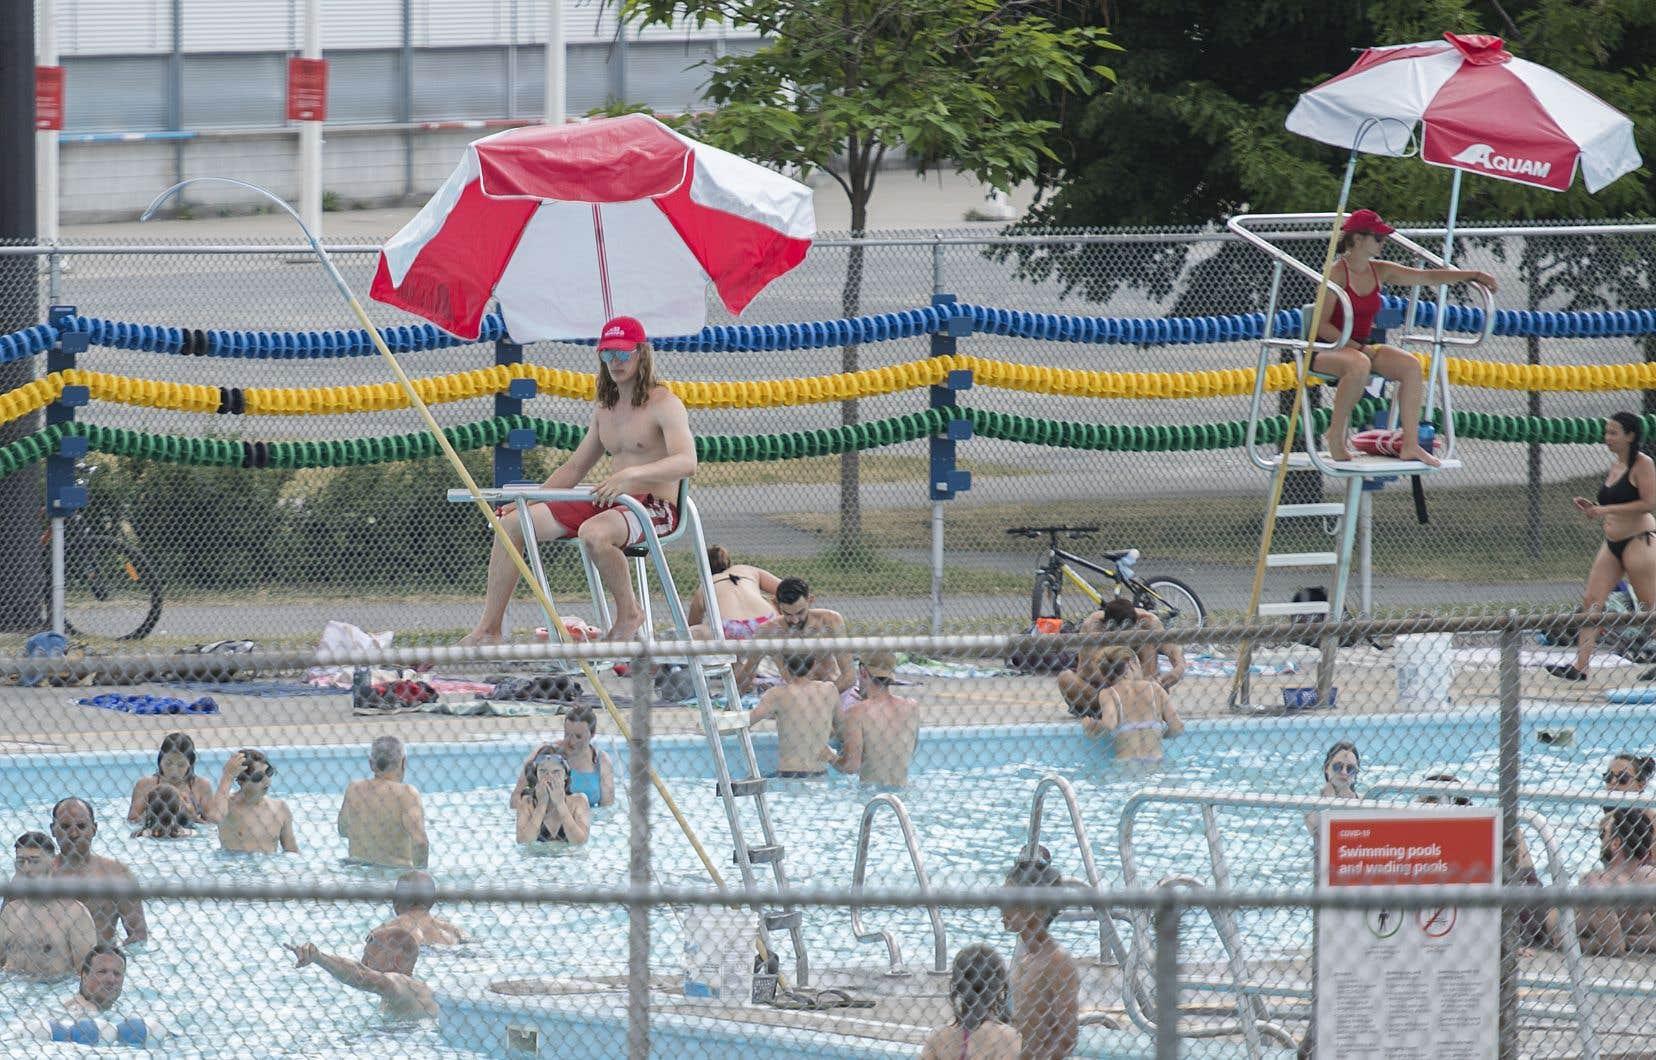 Il y a six jours, l'arrondissement de Lachine a annoncé la fermeture, jusqu'à nouvel ordre, des piscines des parcs Kirkland, LaSalle et Michel-Ménard ainsi que la pataugeoire du parc LaSalle.